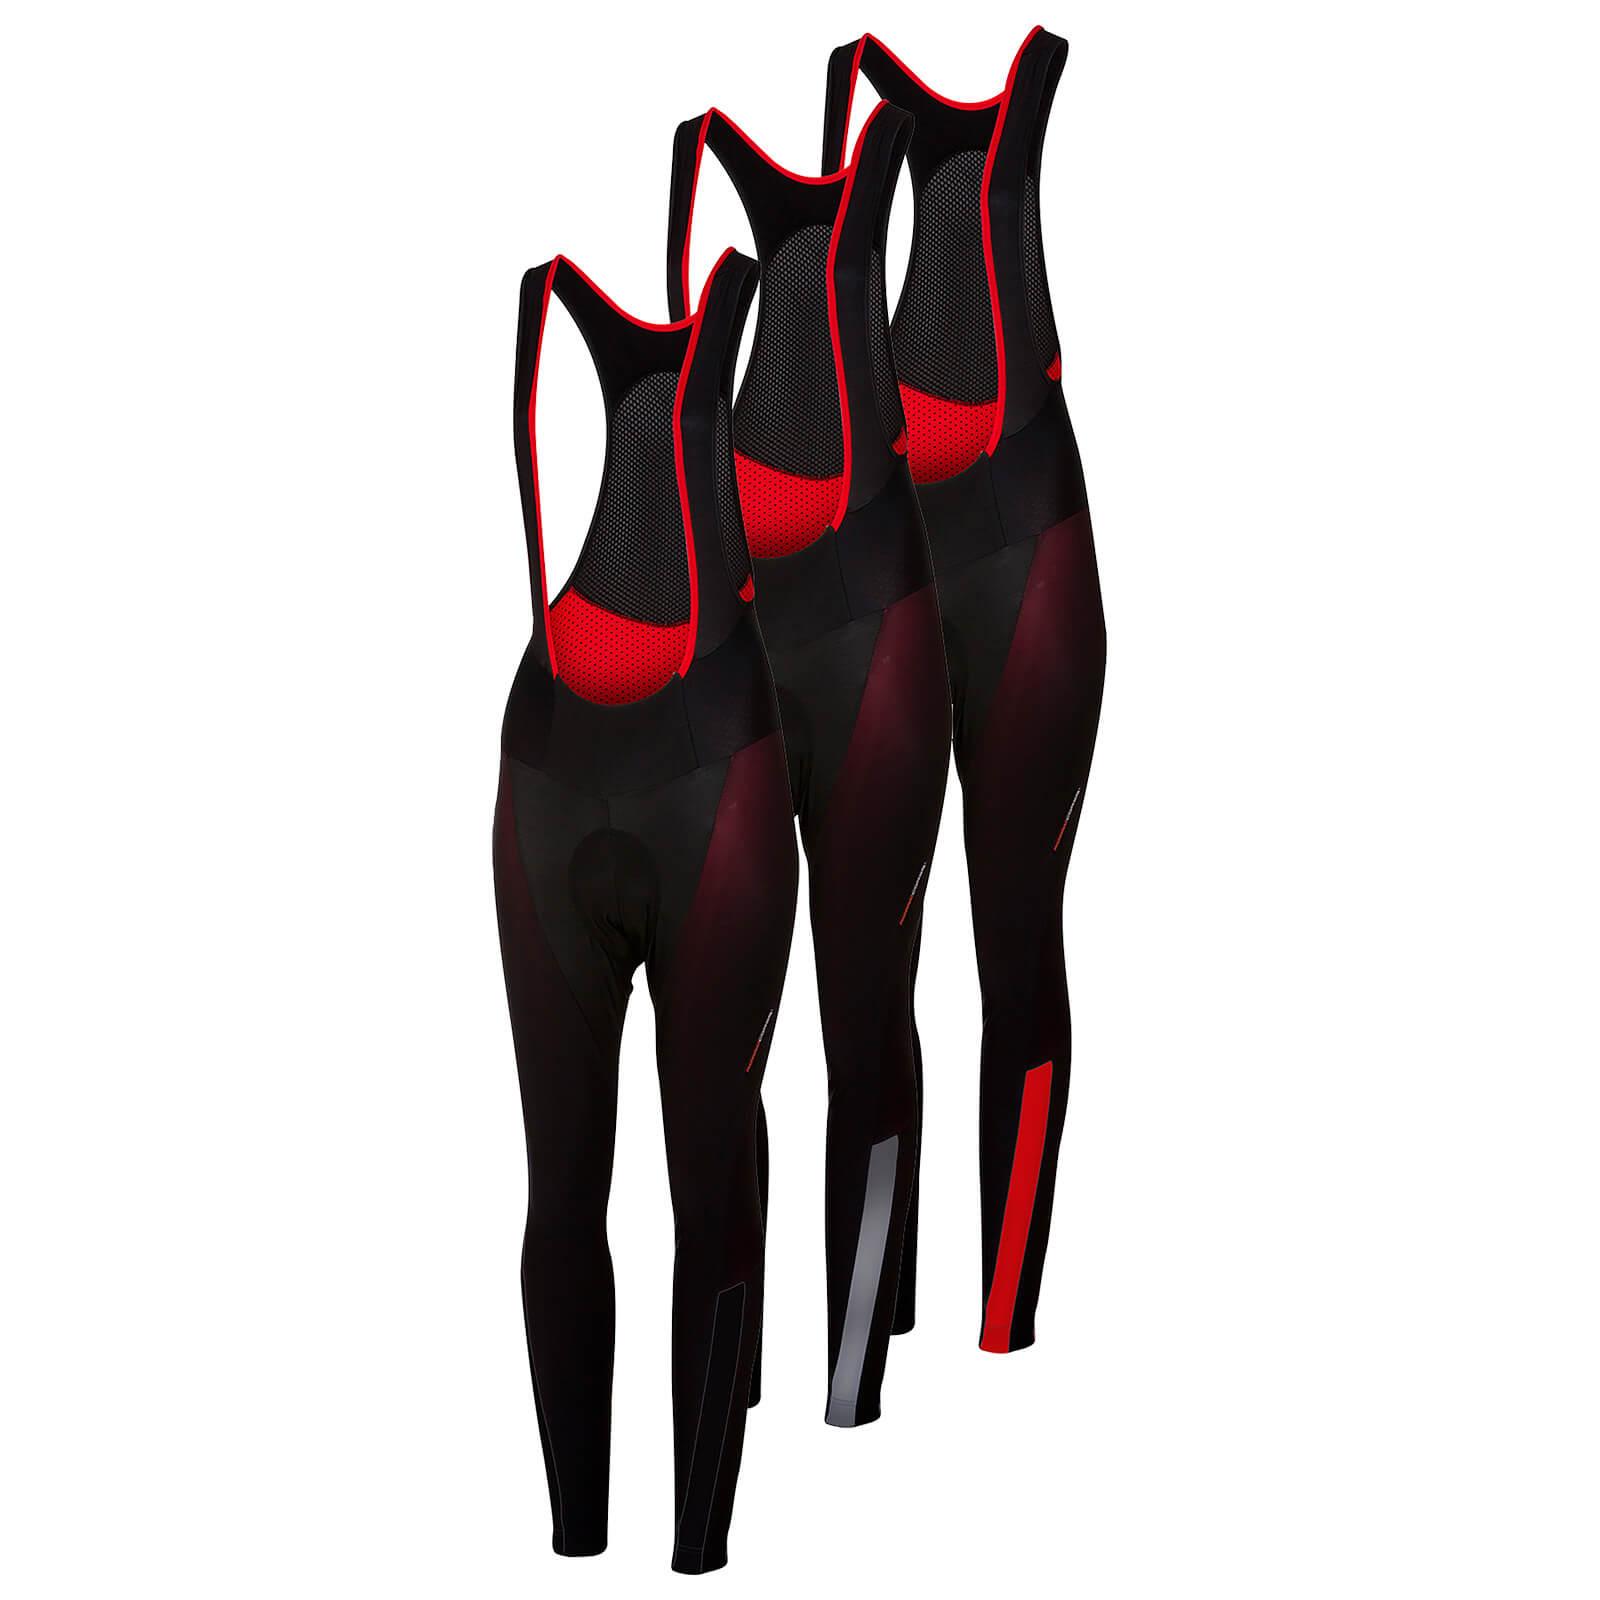 Castelli Women's Sorpasso 2 Bib Tights